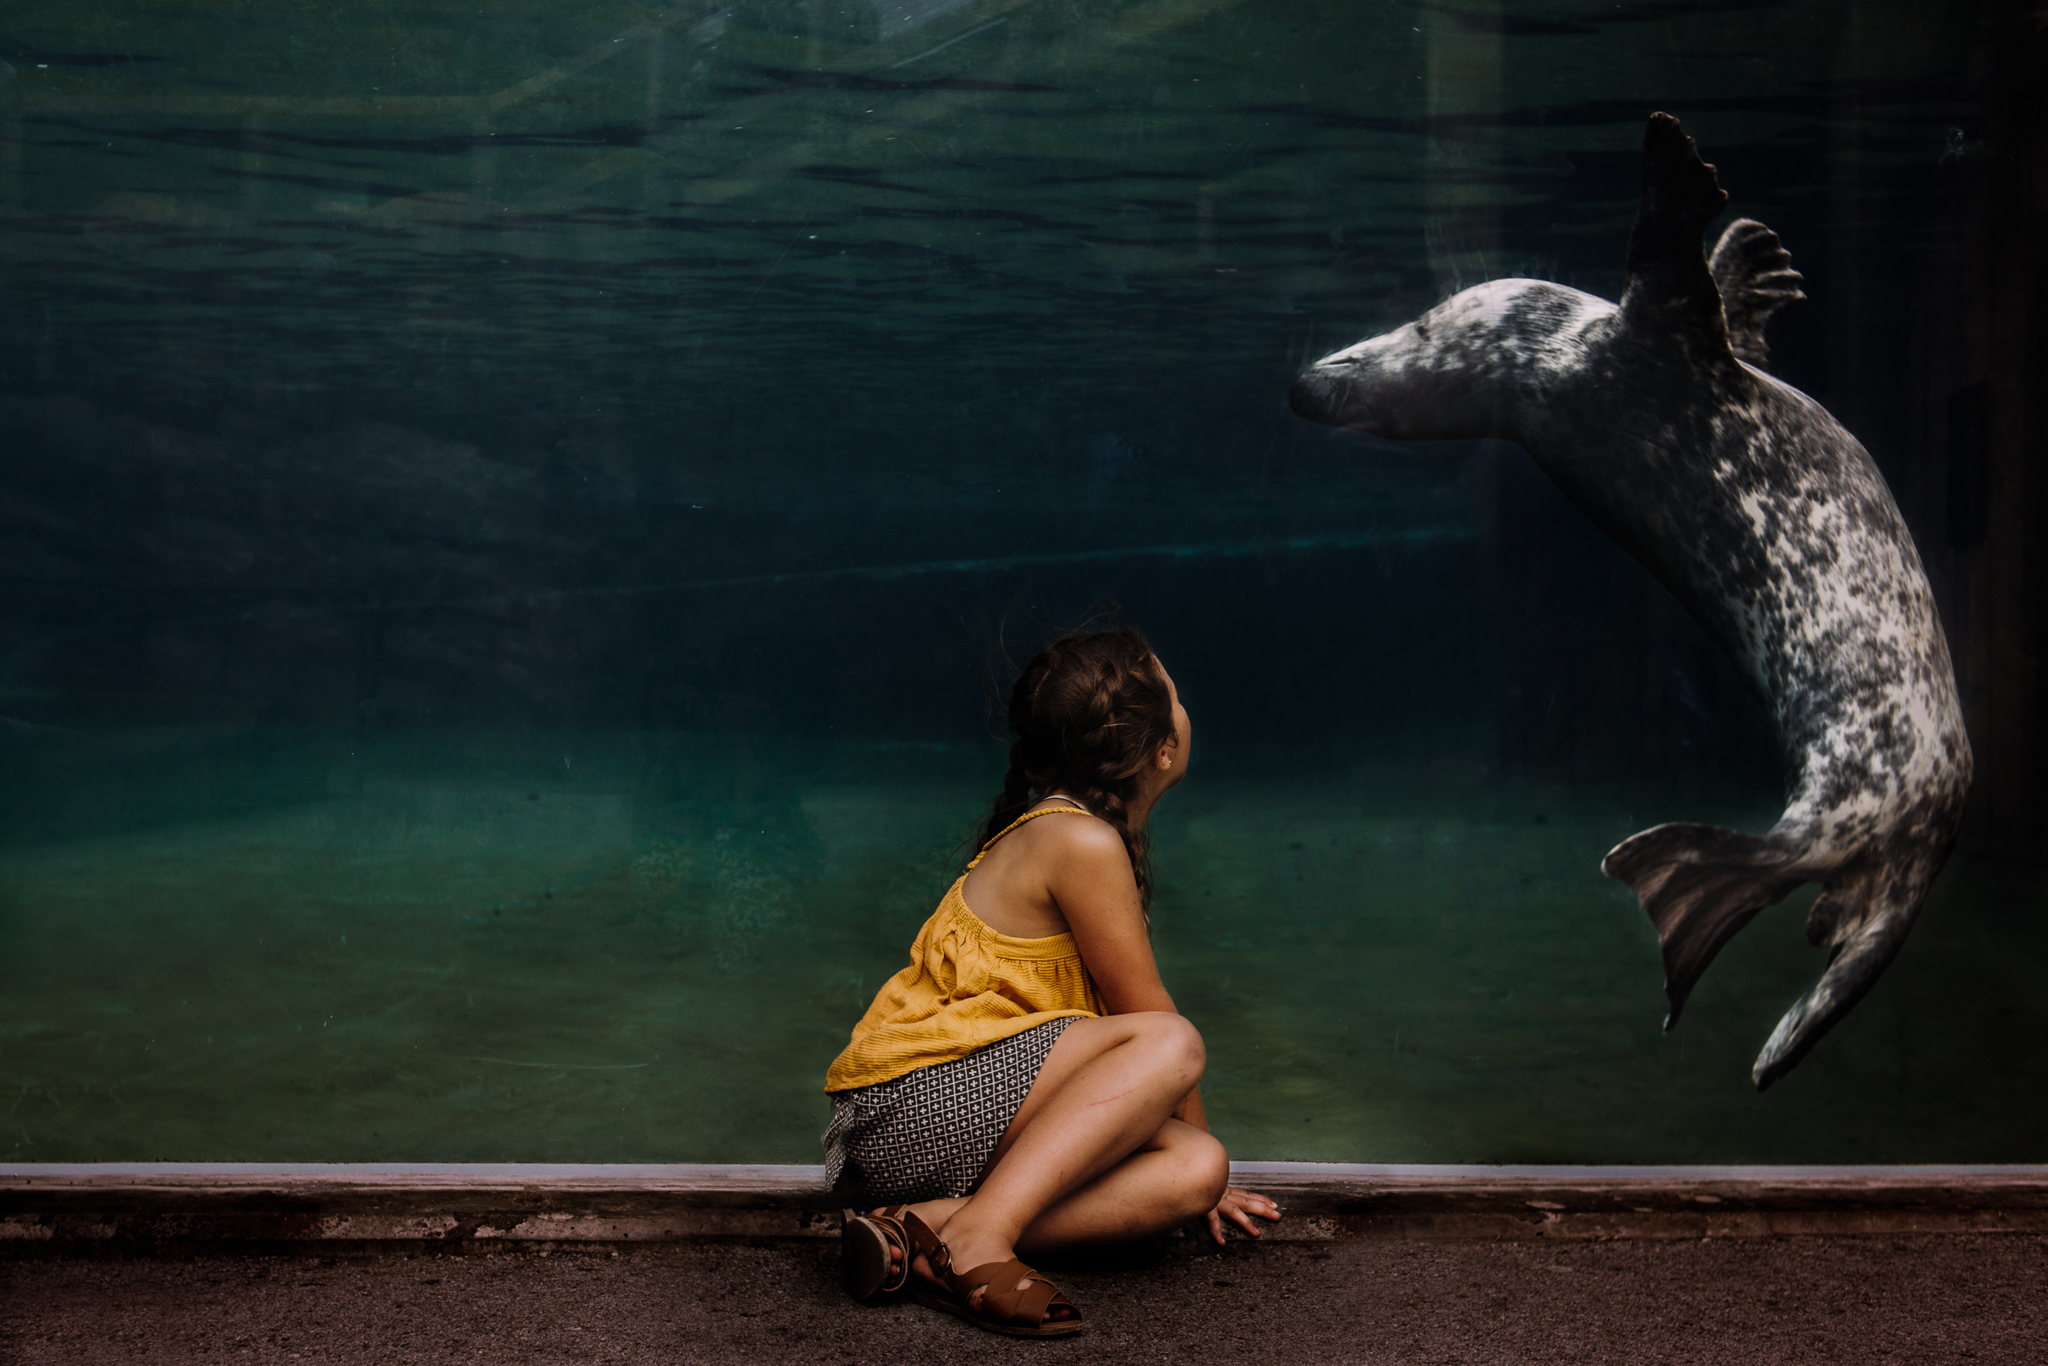 Sea Lion at Louisville Zoo